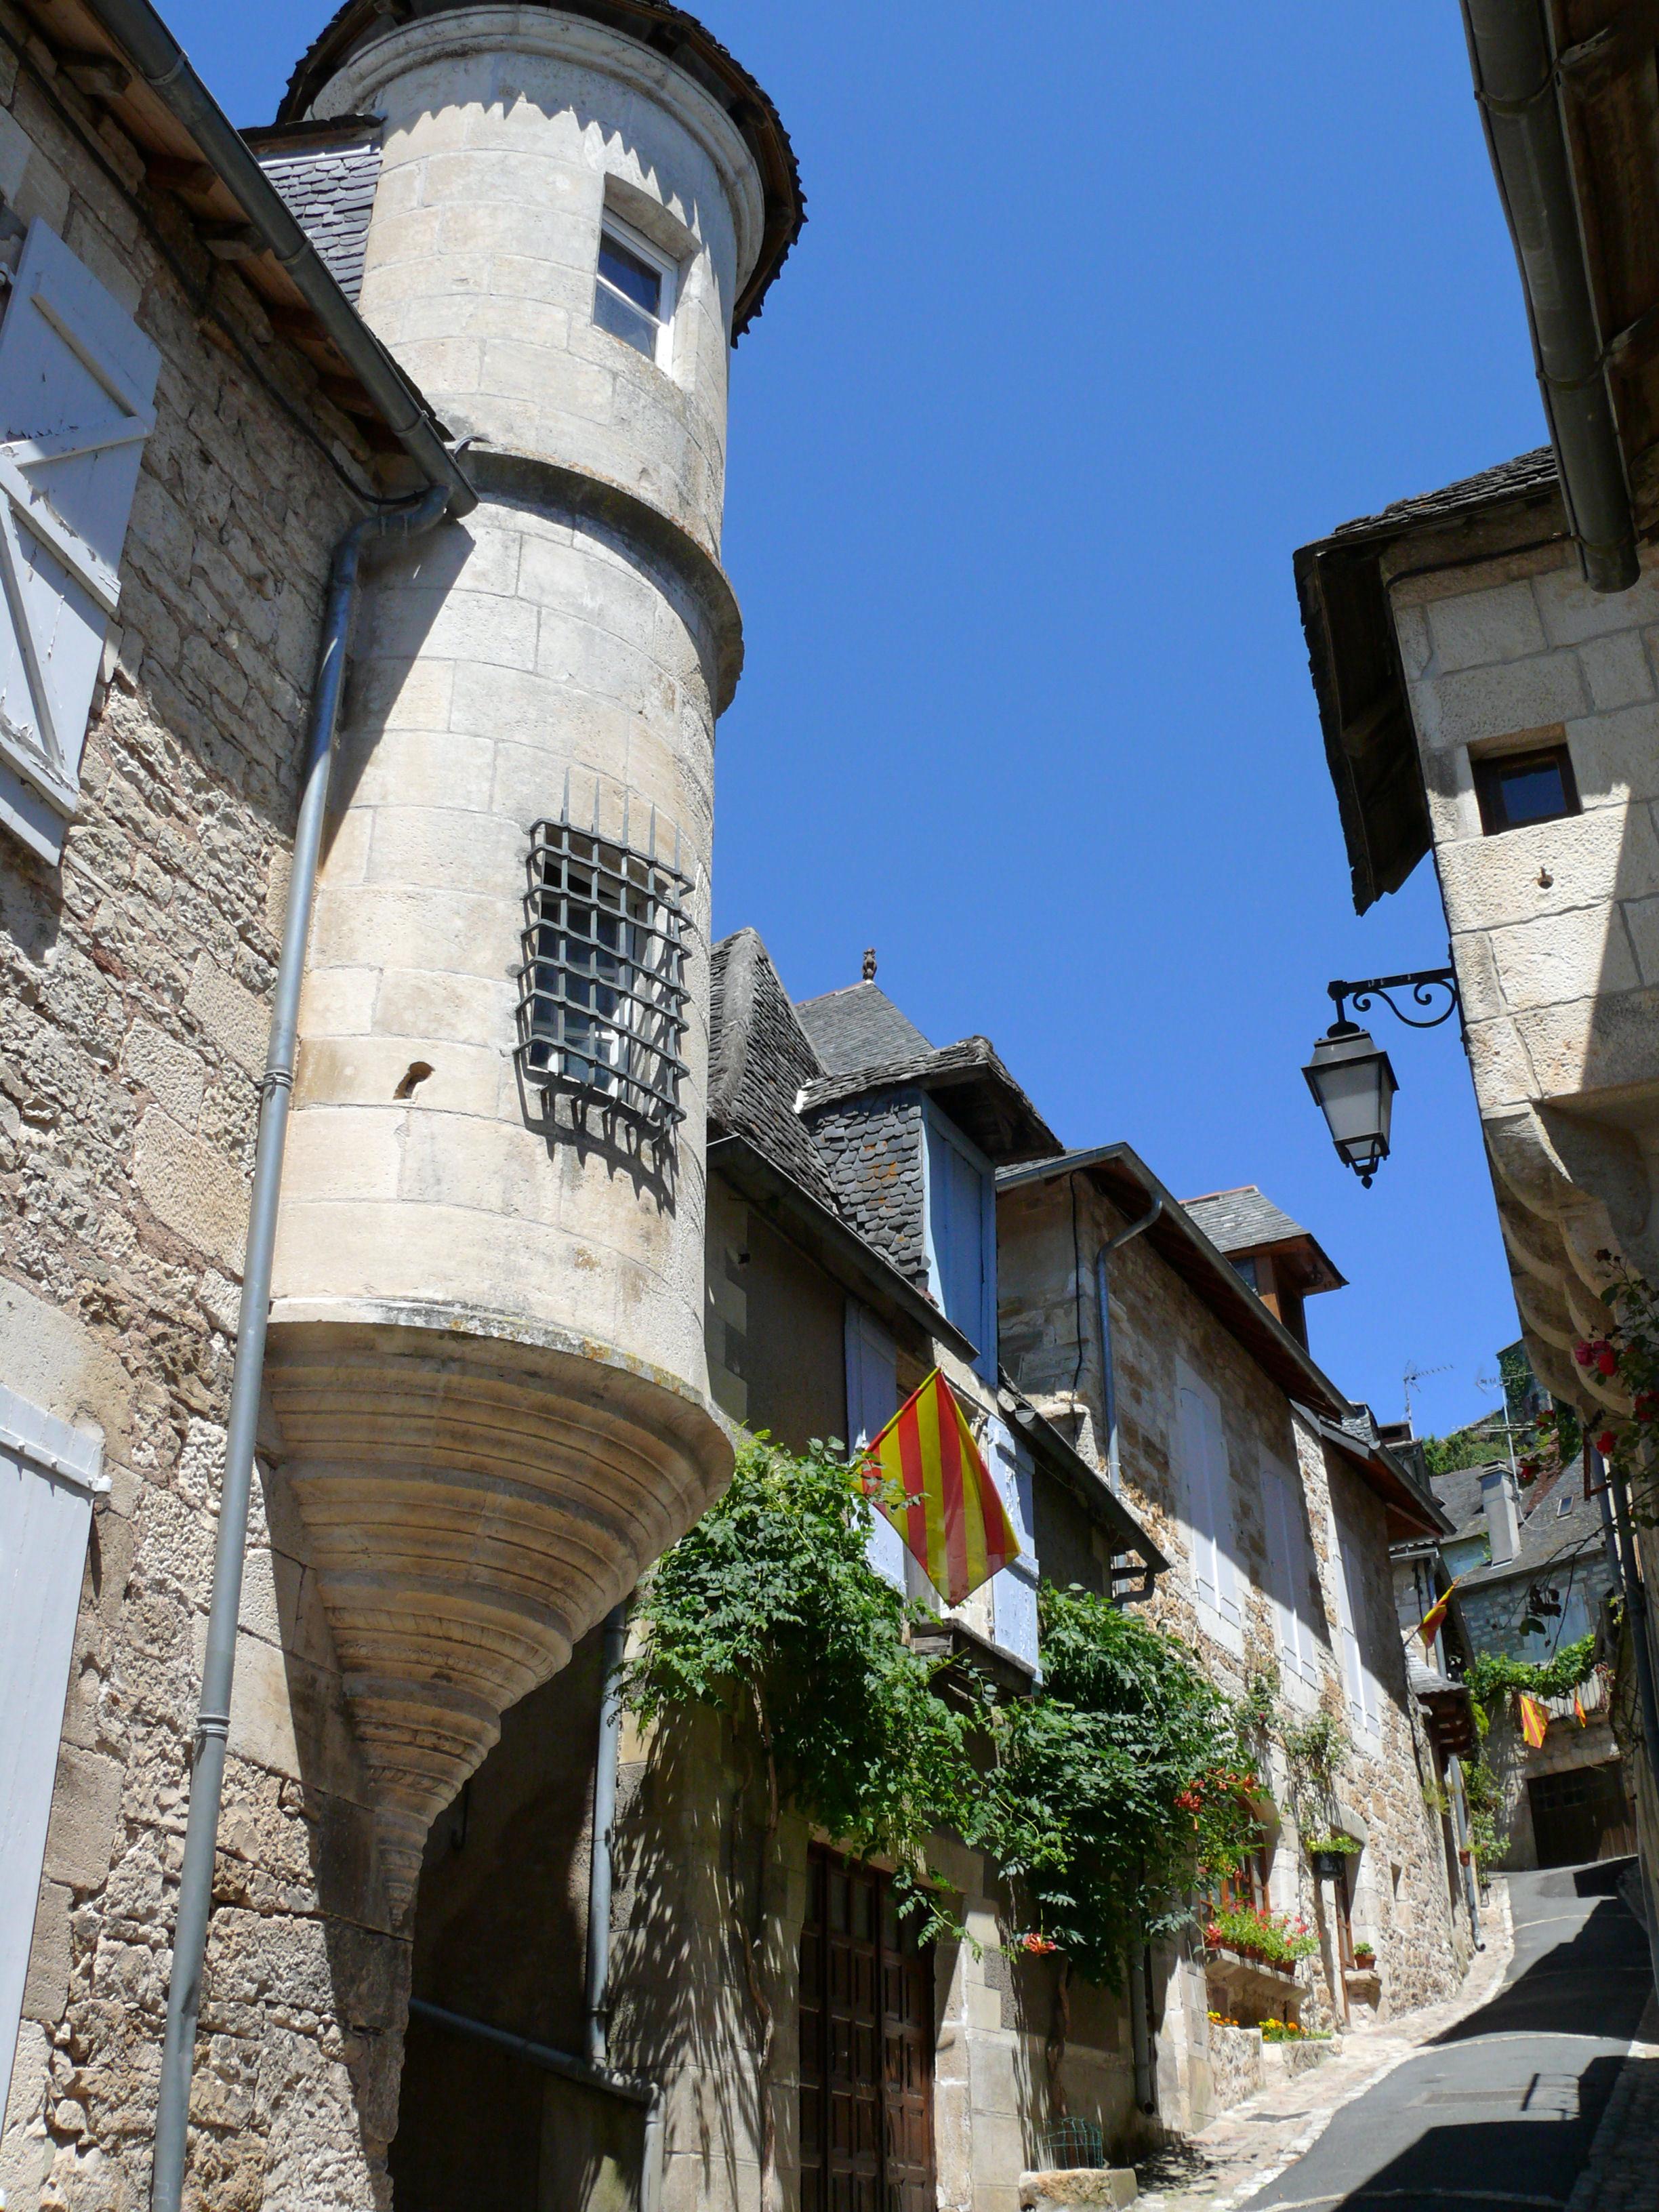 File:Turenne - Hôtel de Carbonnières -1.JPG - Wikimedia Commons